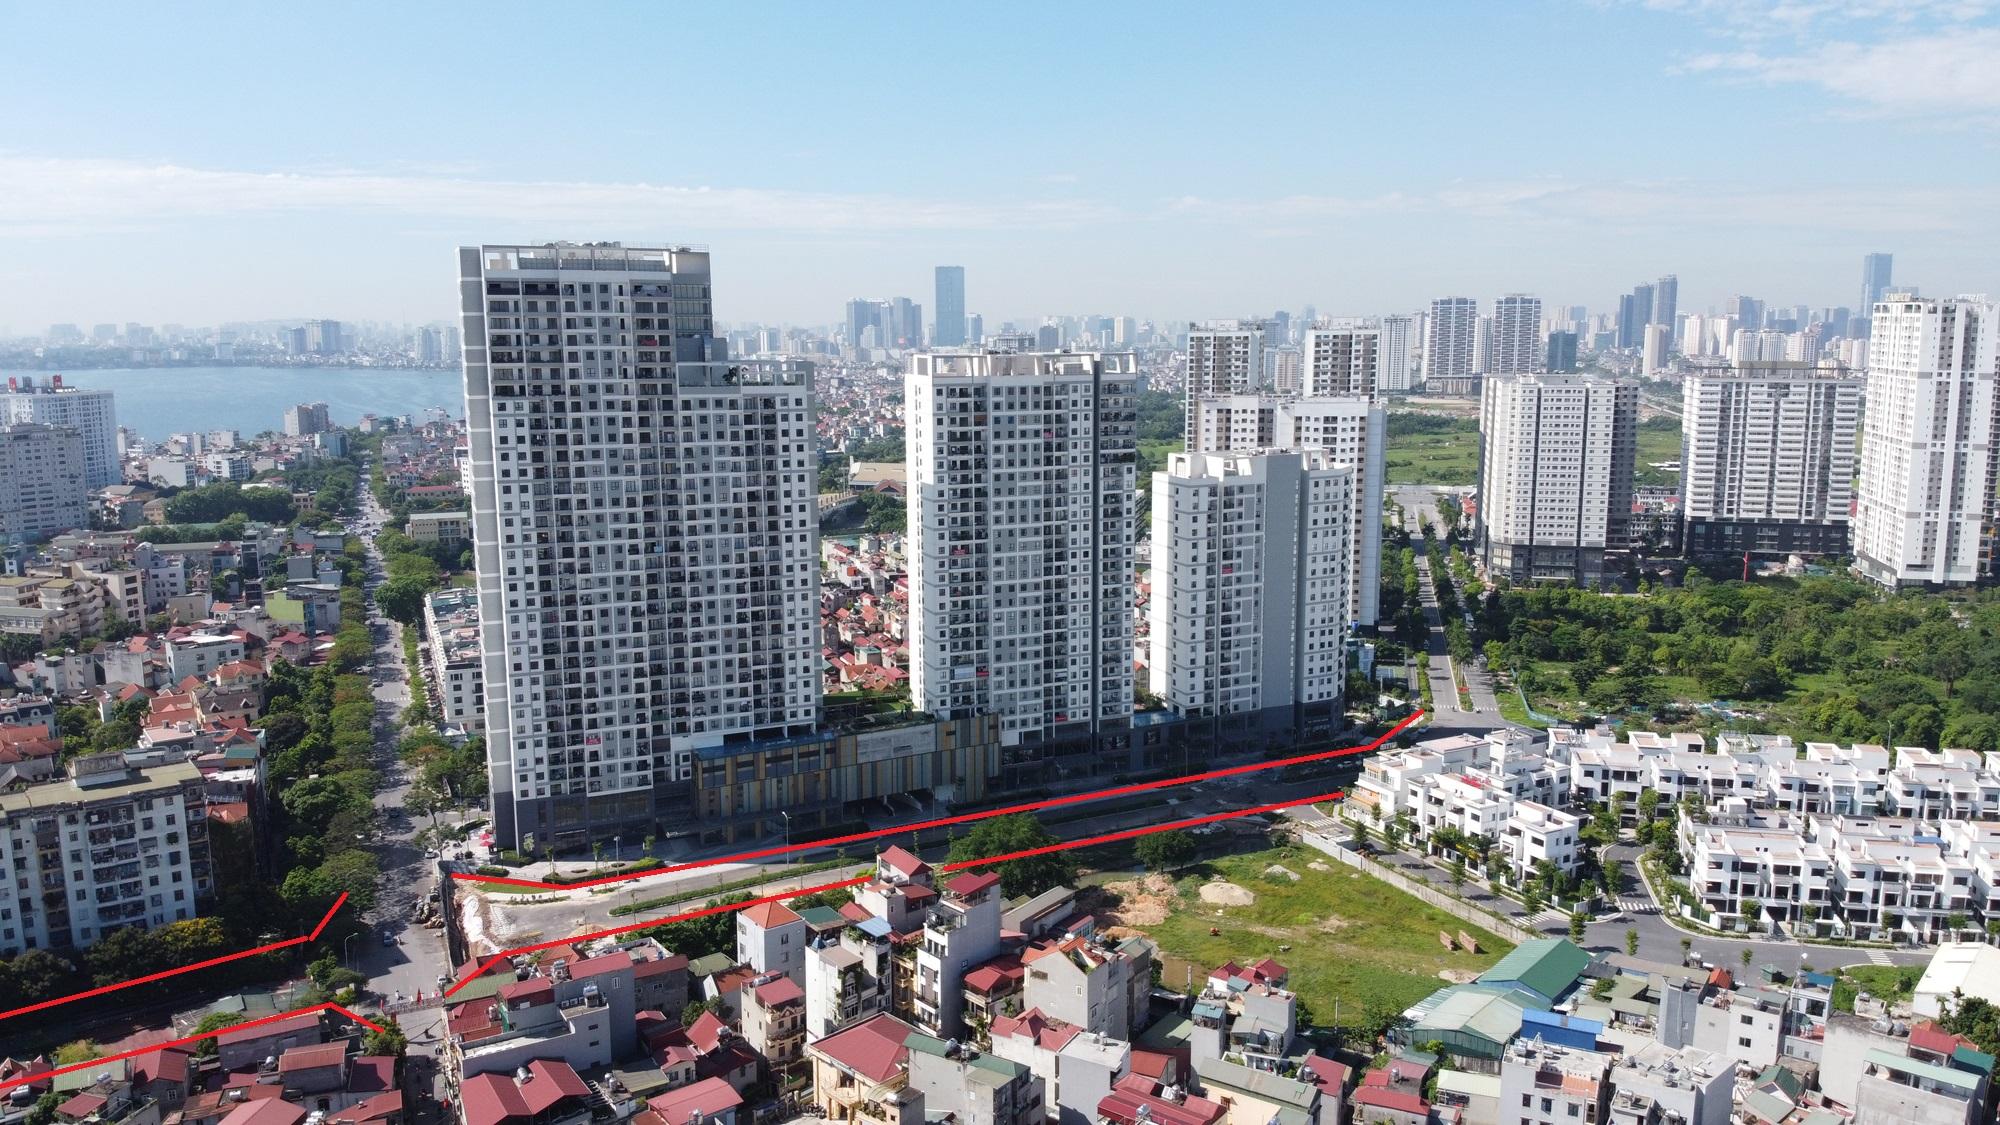 đường sẽ mở theo qui hoạch ở phường Xuân Tảo, Bắc Từ Liêm, Hà Nội - Ảnh 7.